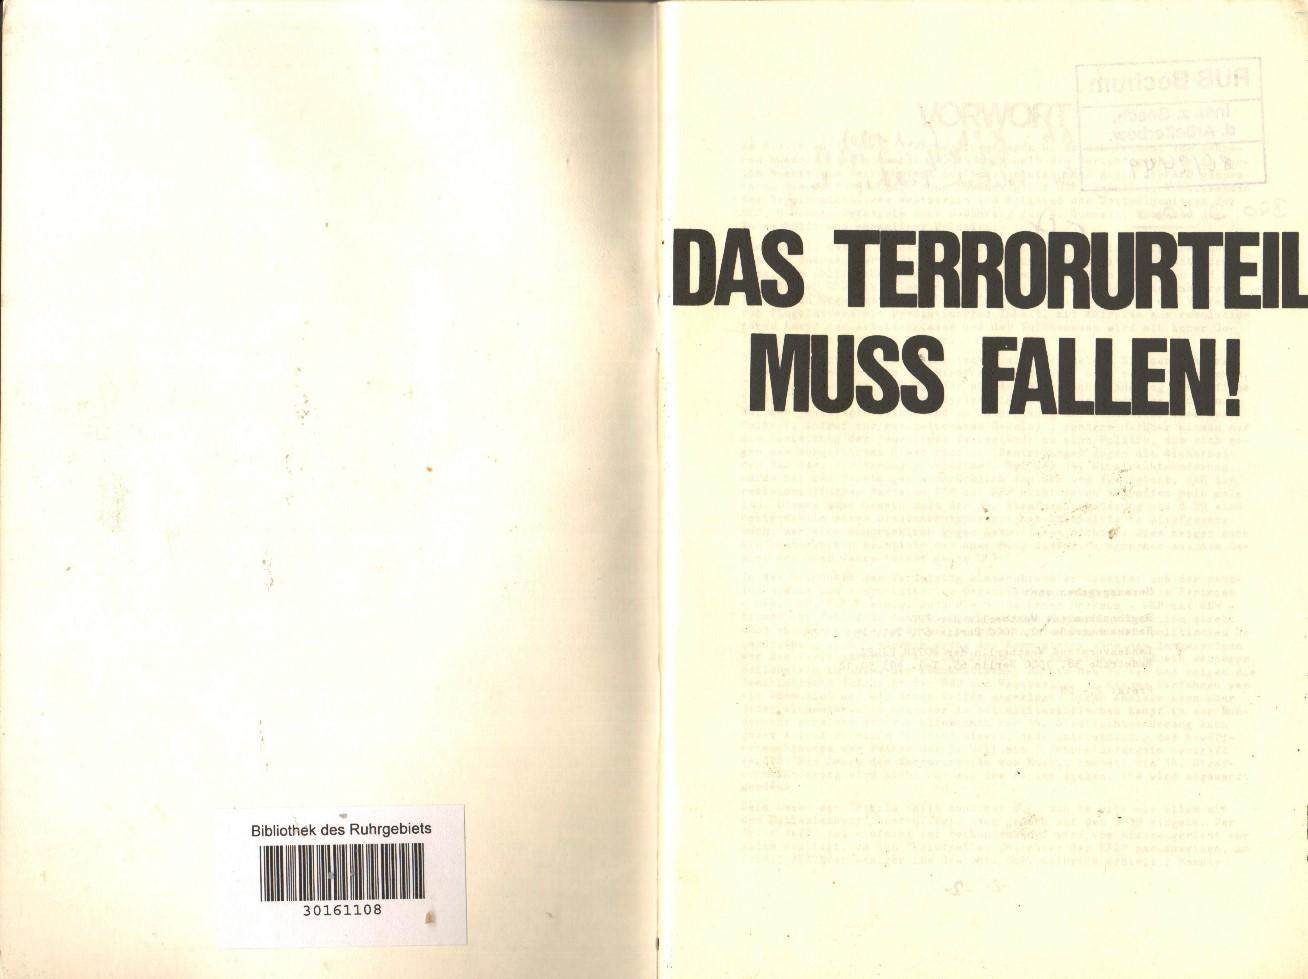 Berlin_KPD_1976_Staatsschutzprozess02_02